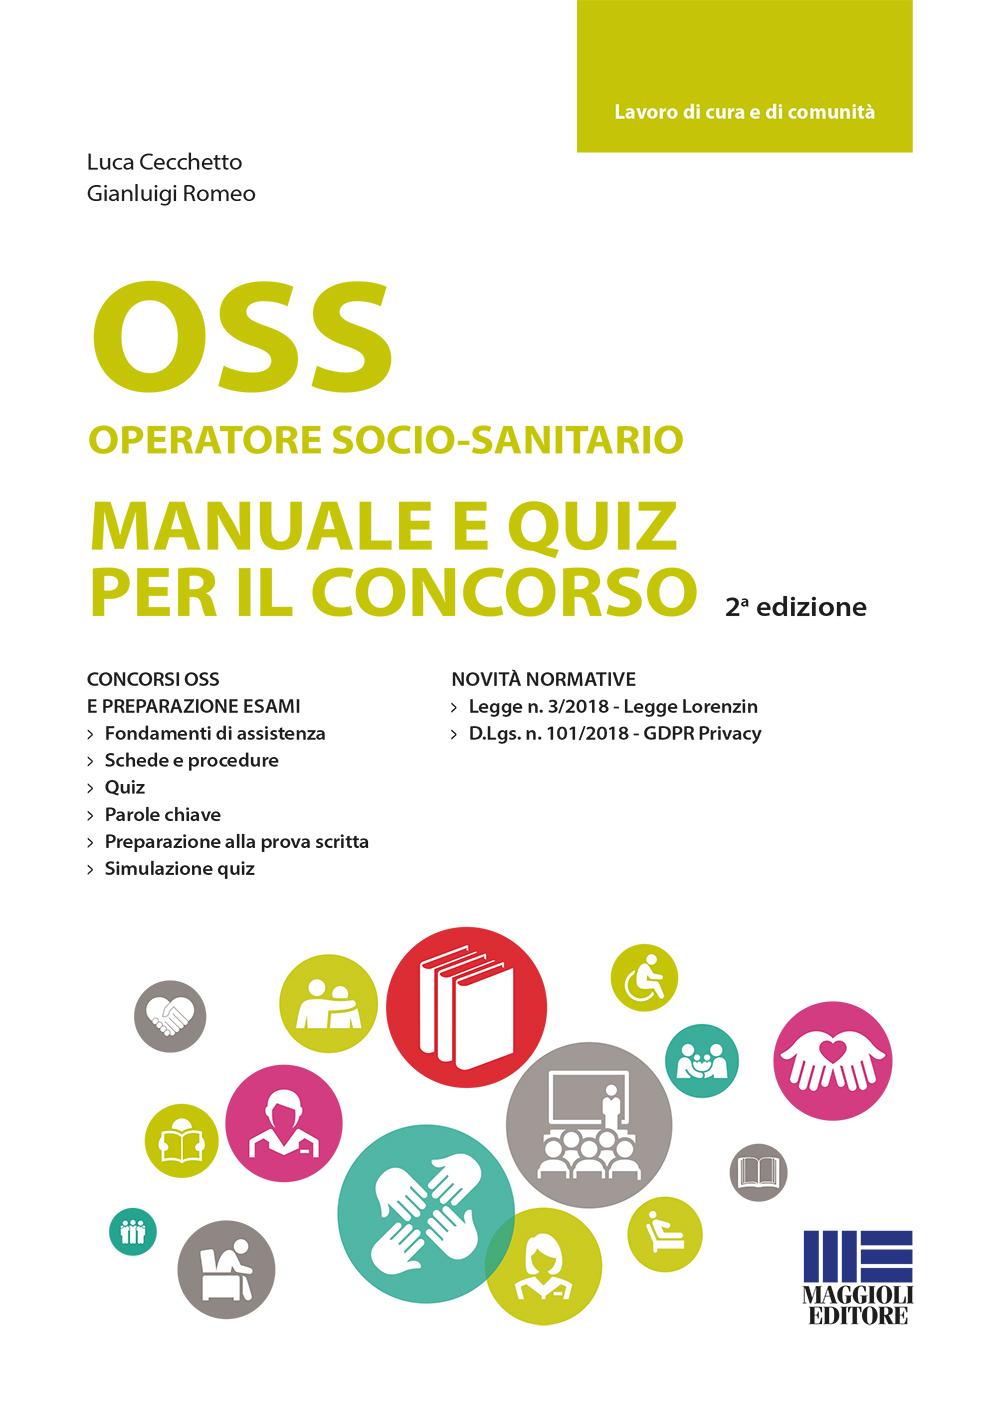 OSS operatore socio-sanitario. Manuale e quiz